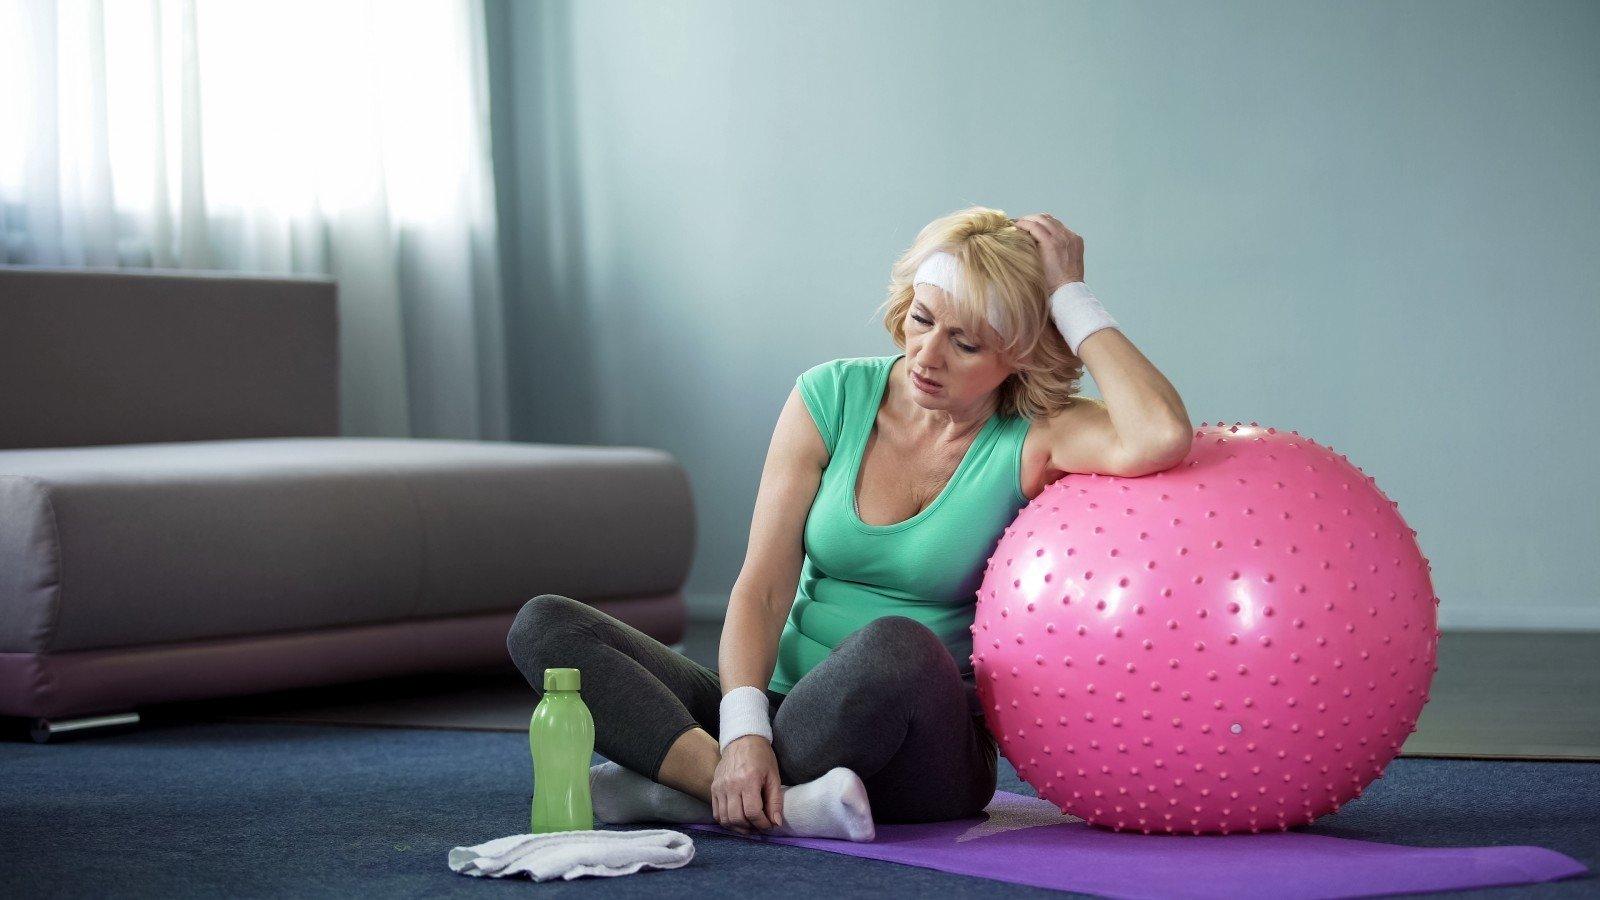 geriausi būdai mesti svorį menopauzės metu